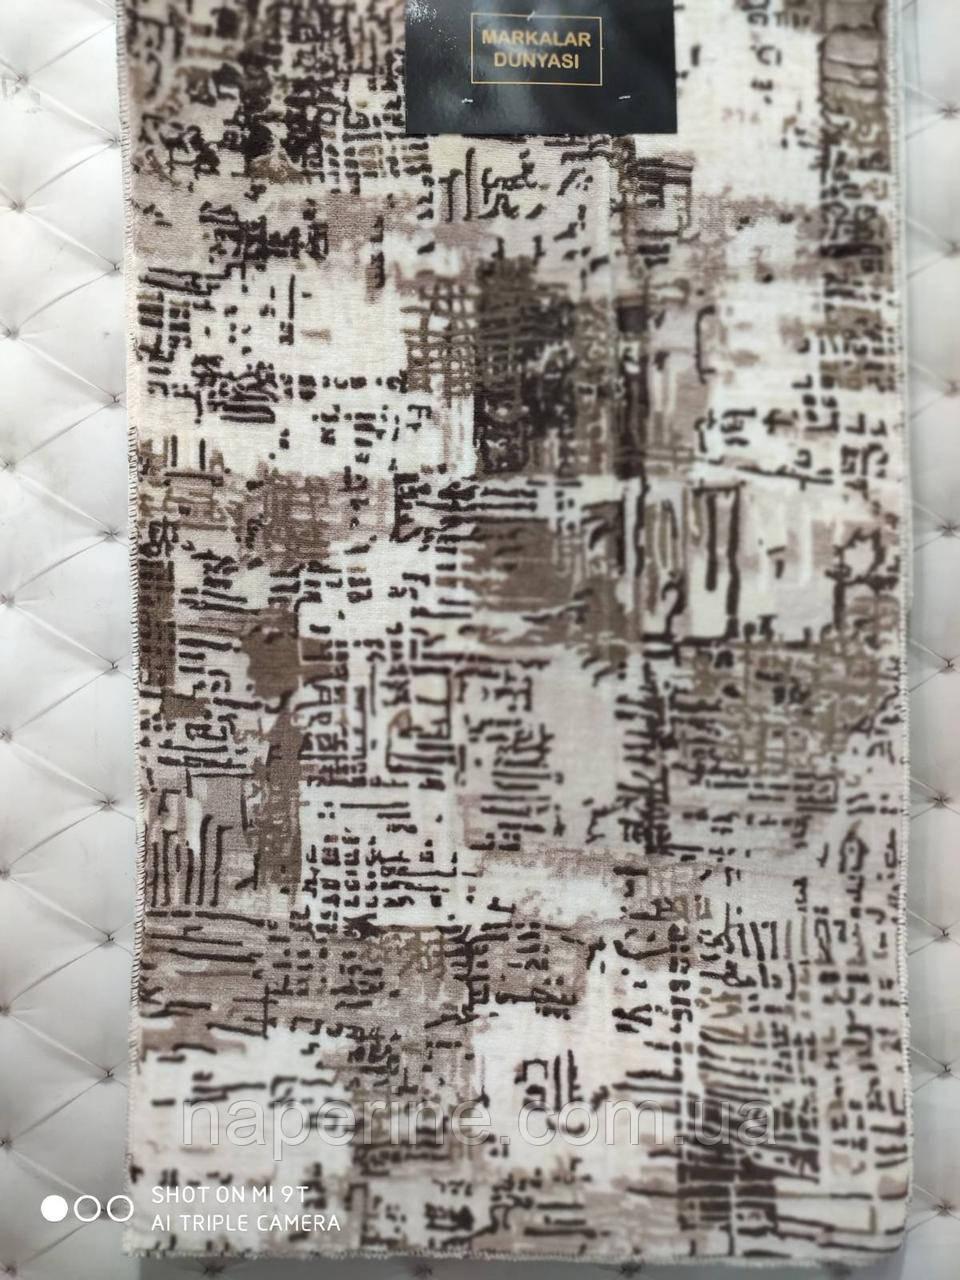 Набор ковриков для ванной комнаты 2 предмета MARKALAR прорезиненные Турция лучшая цена